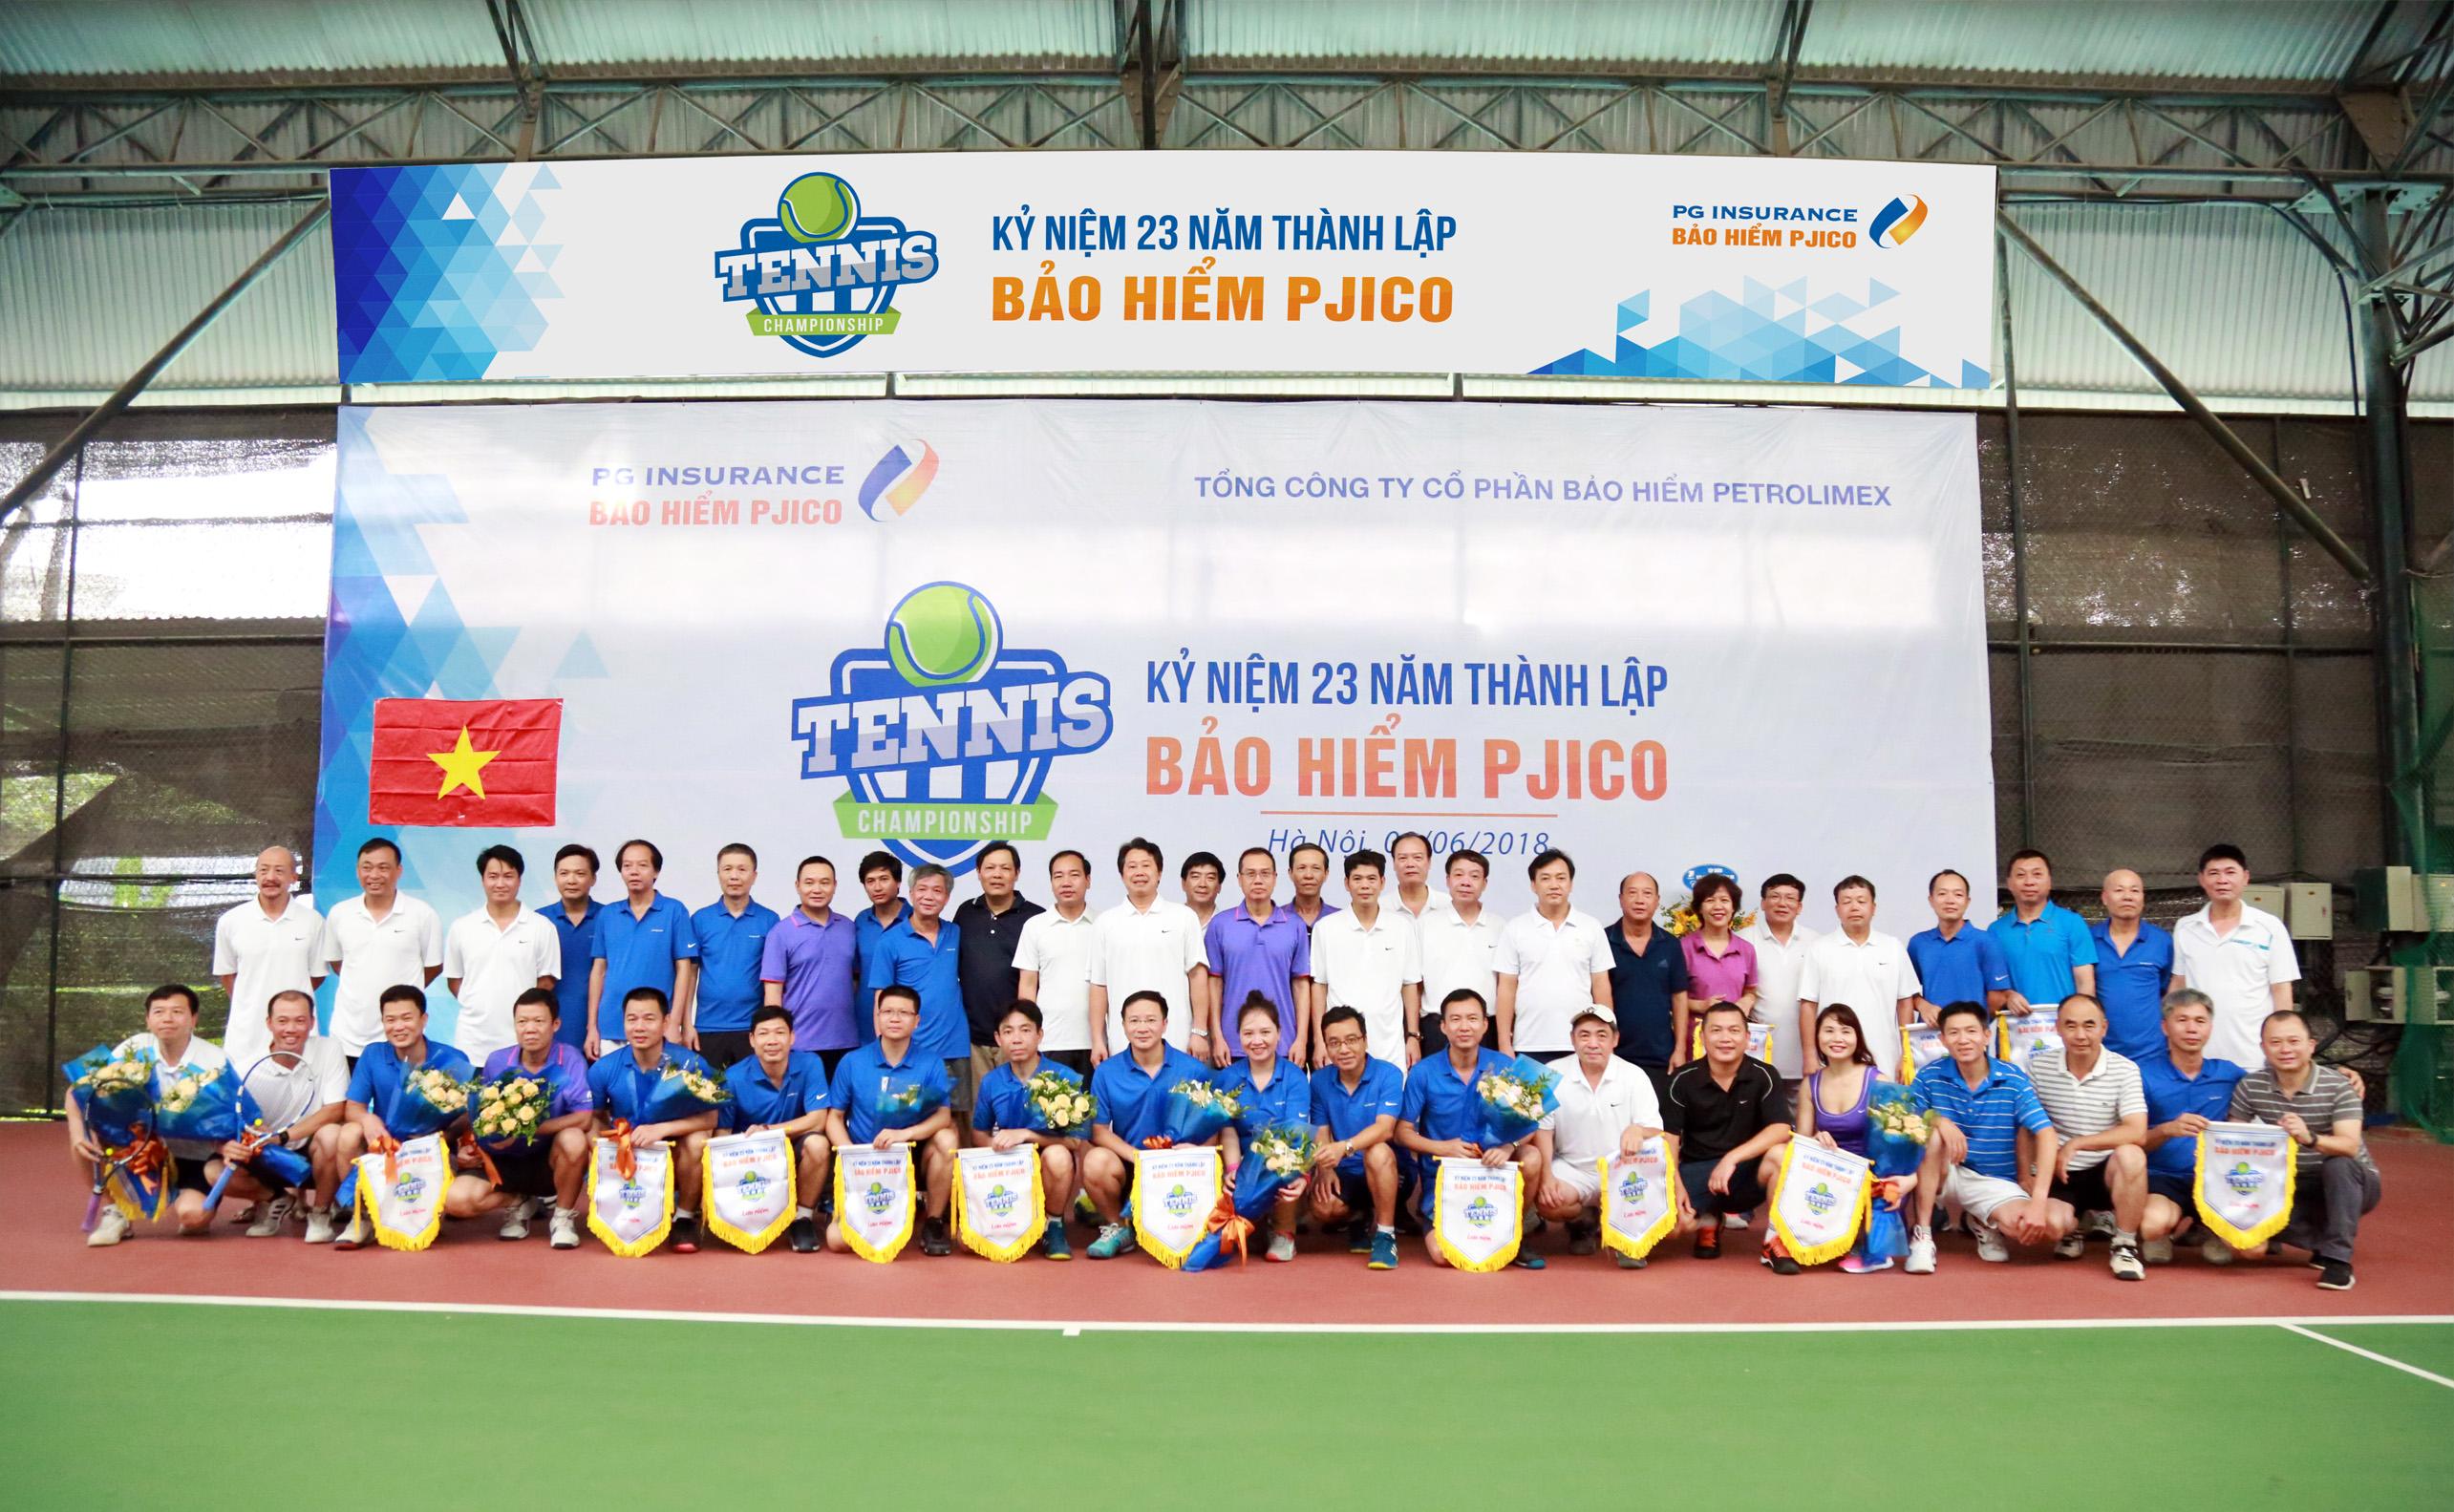 PJICO tổ chức Giải giao lưu tennis nhân kỷ niệm 23 năm thành lập